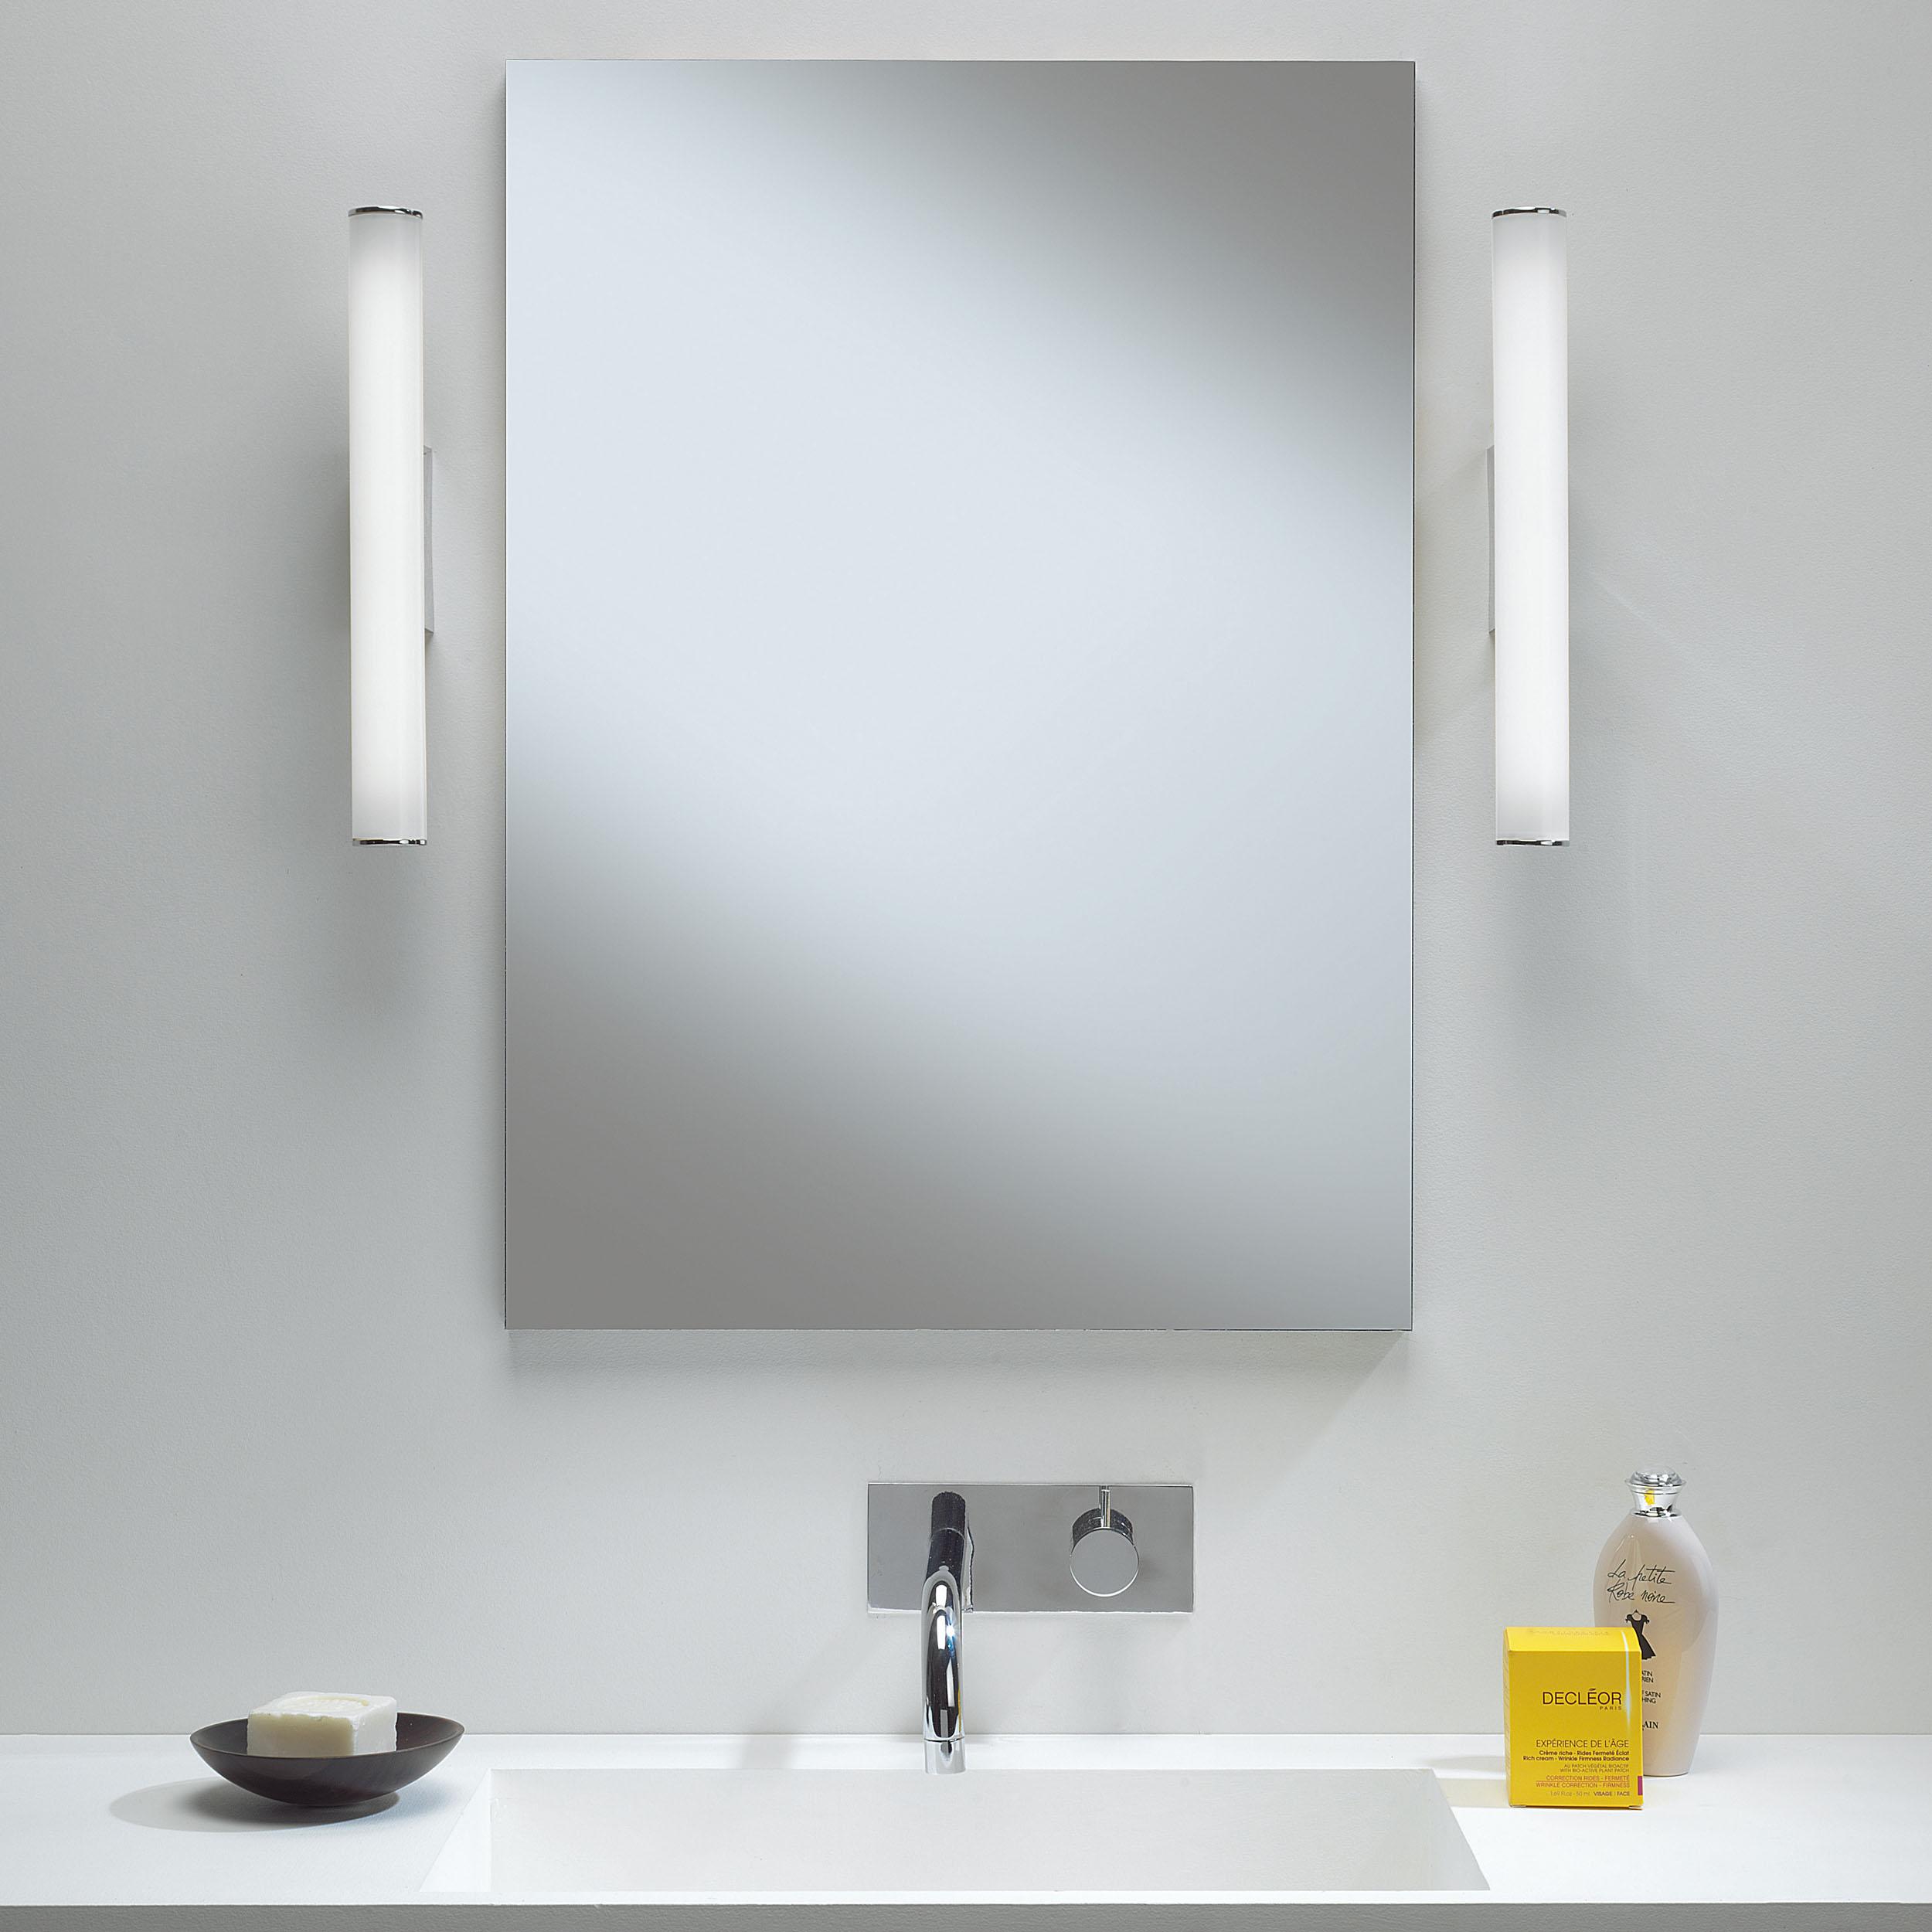 Настенный светодиодный светильник Astro Dio 1305001 (7101), IP44, LED 4,53W, 3000K (теплый), хром, белый, металл, пластик - фото 4